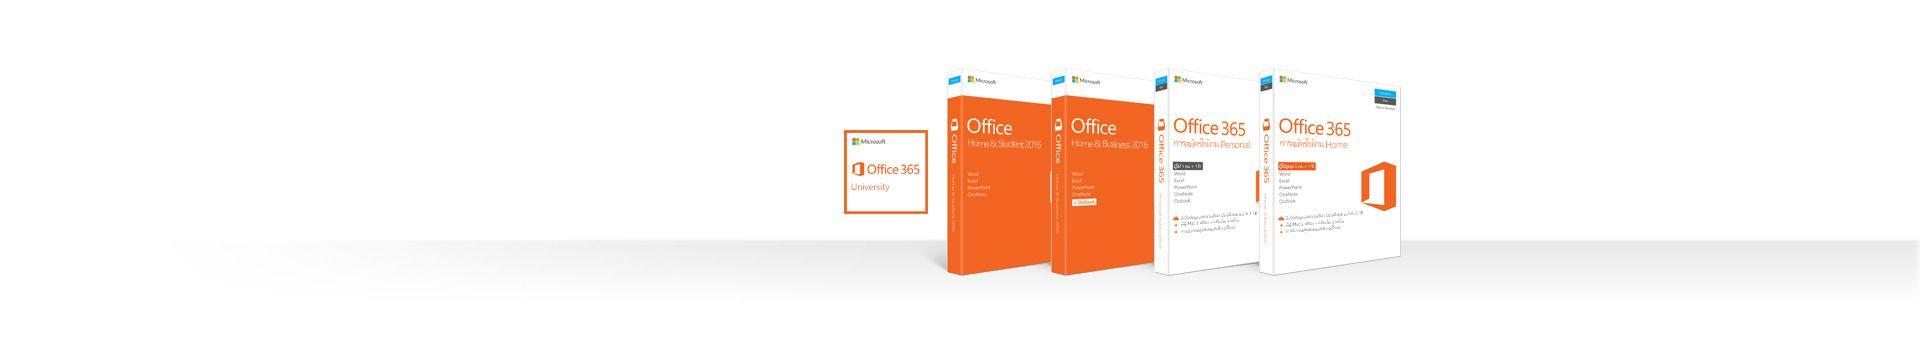 แถวกล่องของผลิตภัณฑ์ Office 2016 และ Office 365 สำหรับ Mac